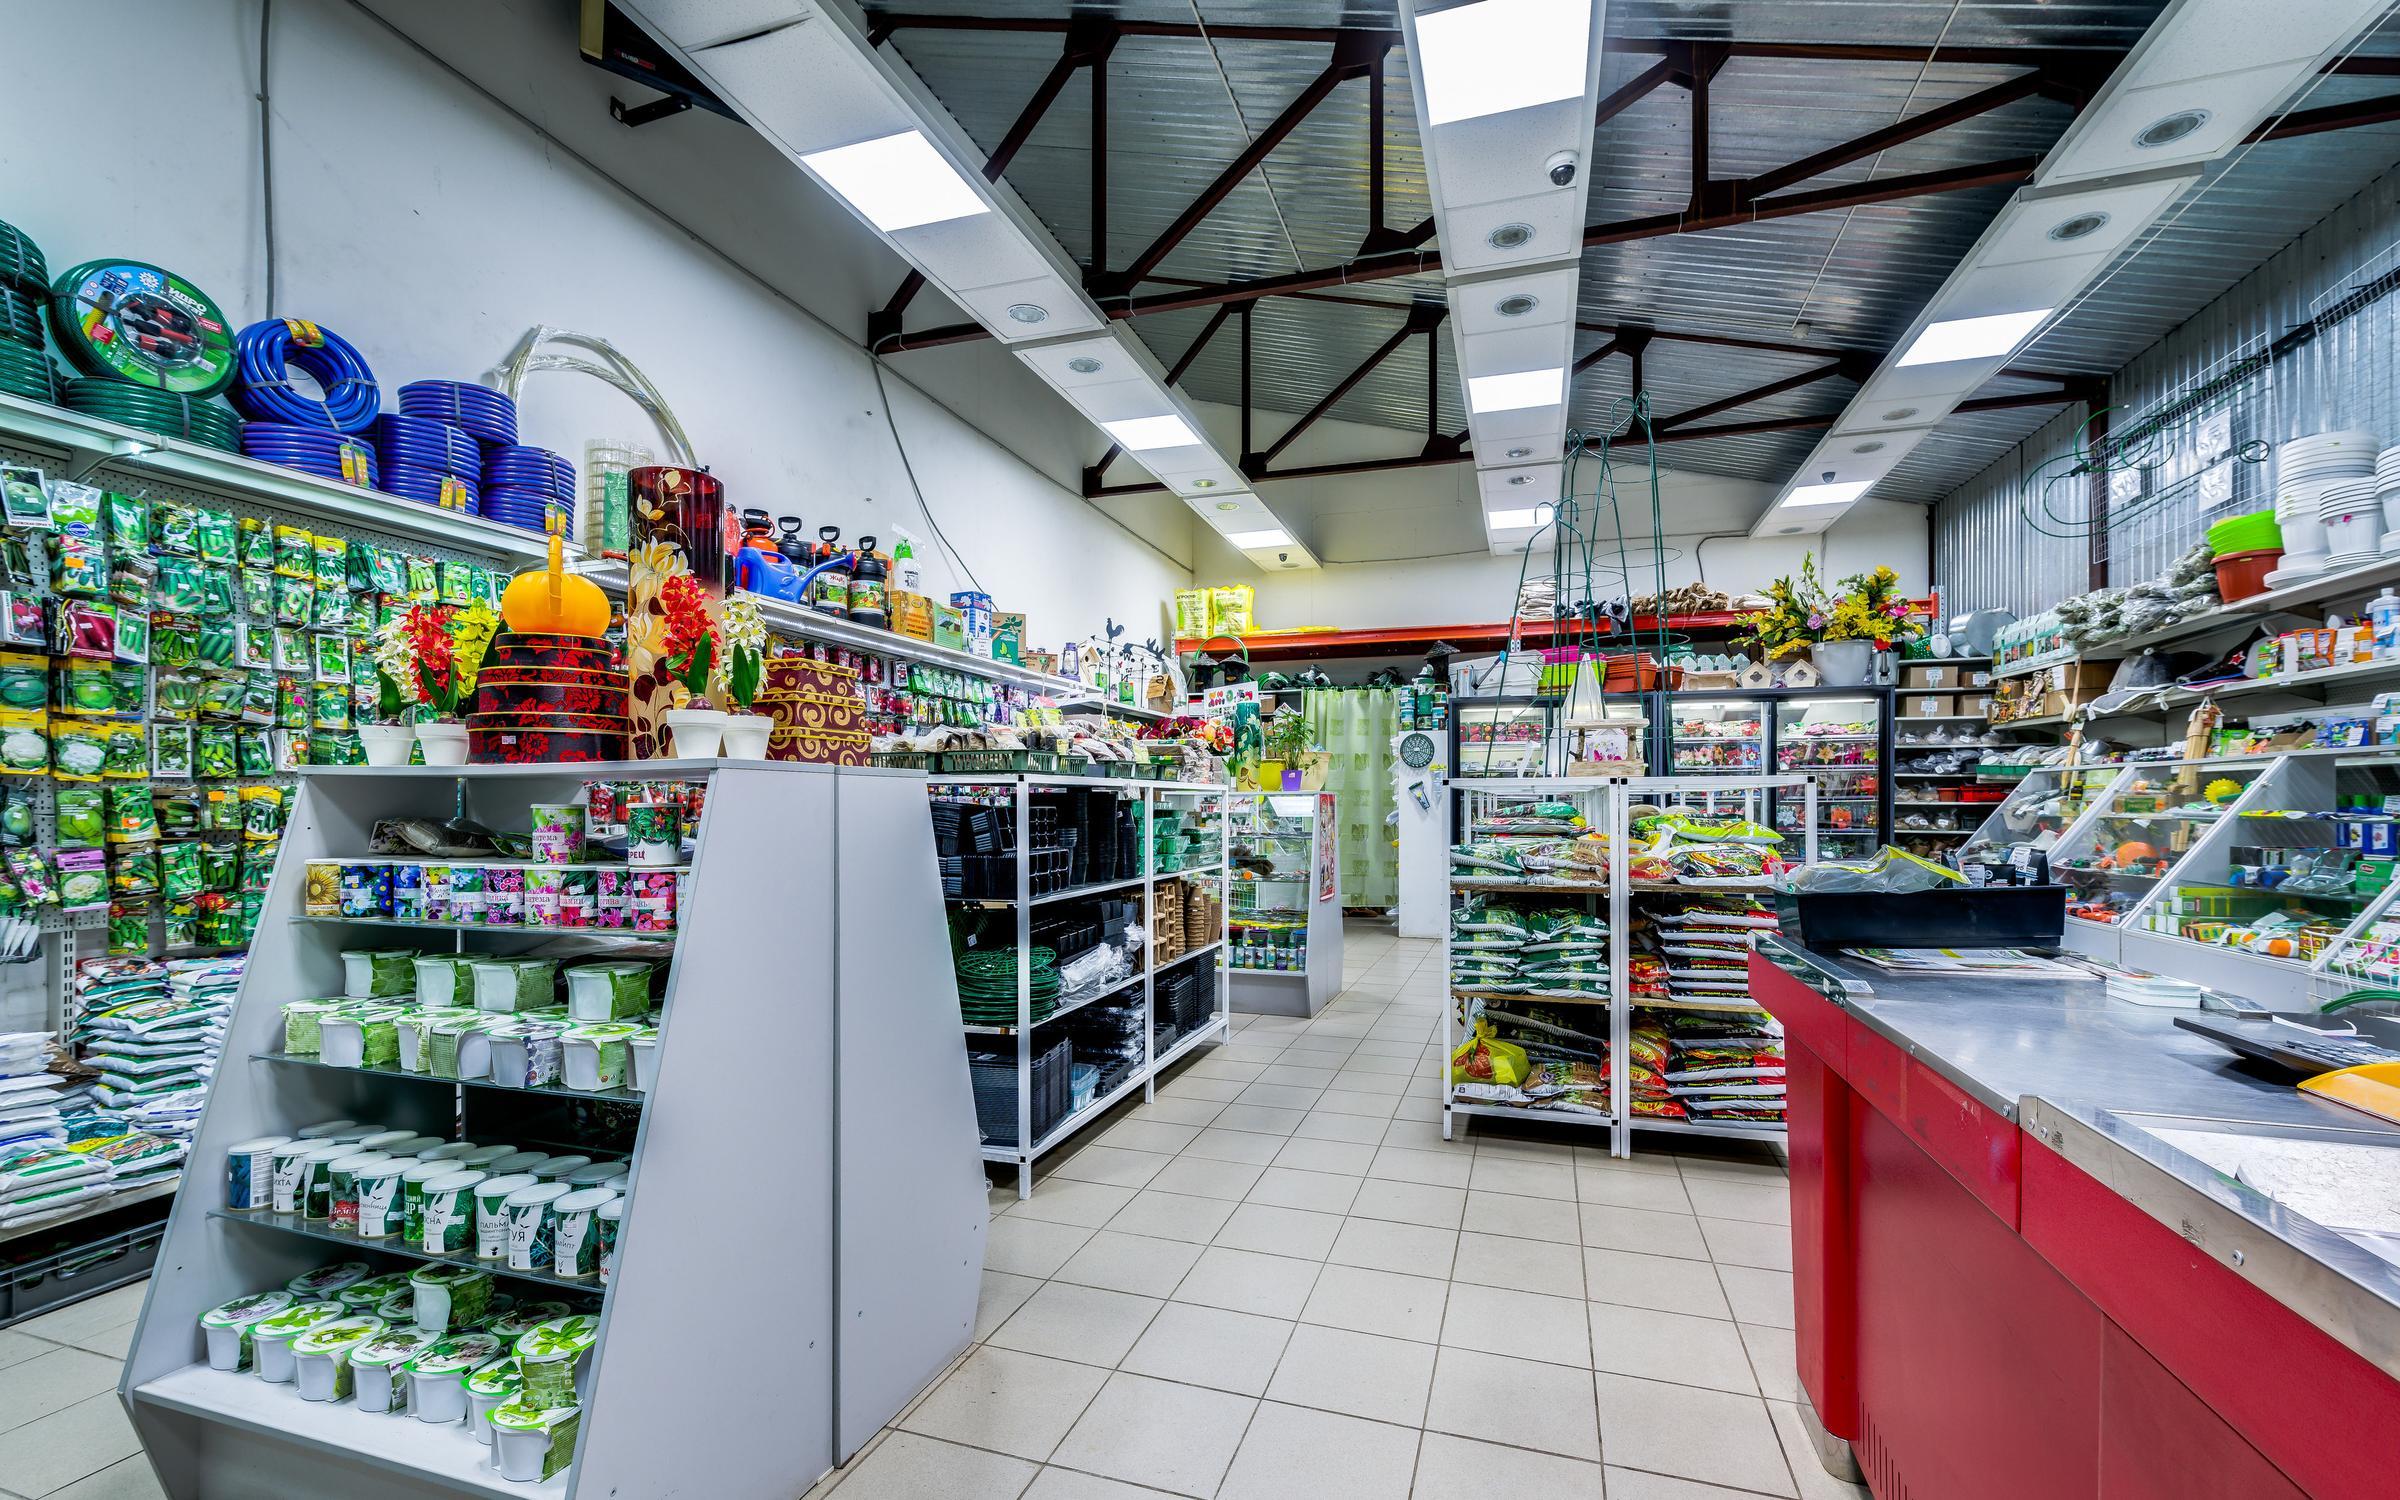 фотография Магазина товаров для сада и дачи Чистый мир